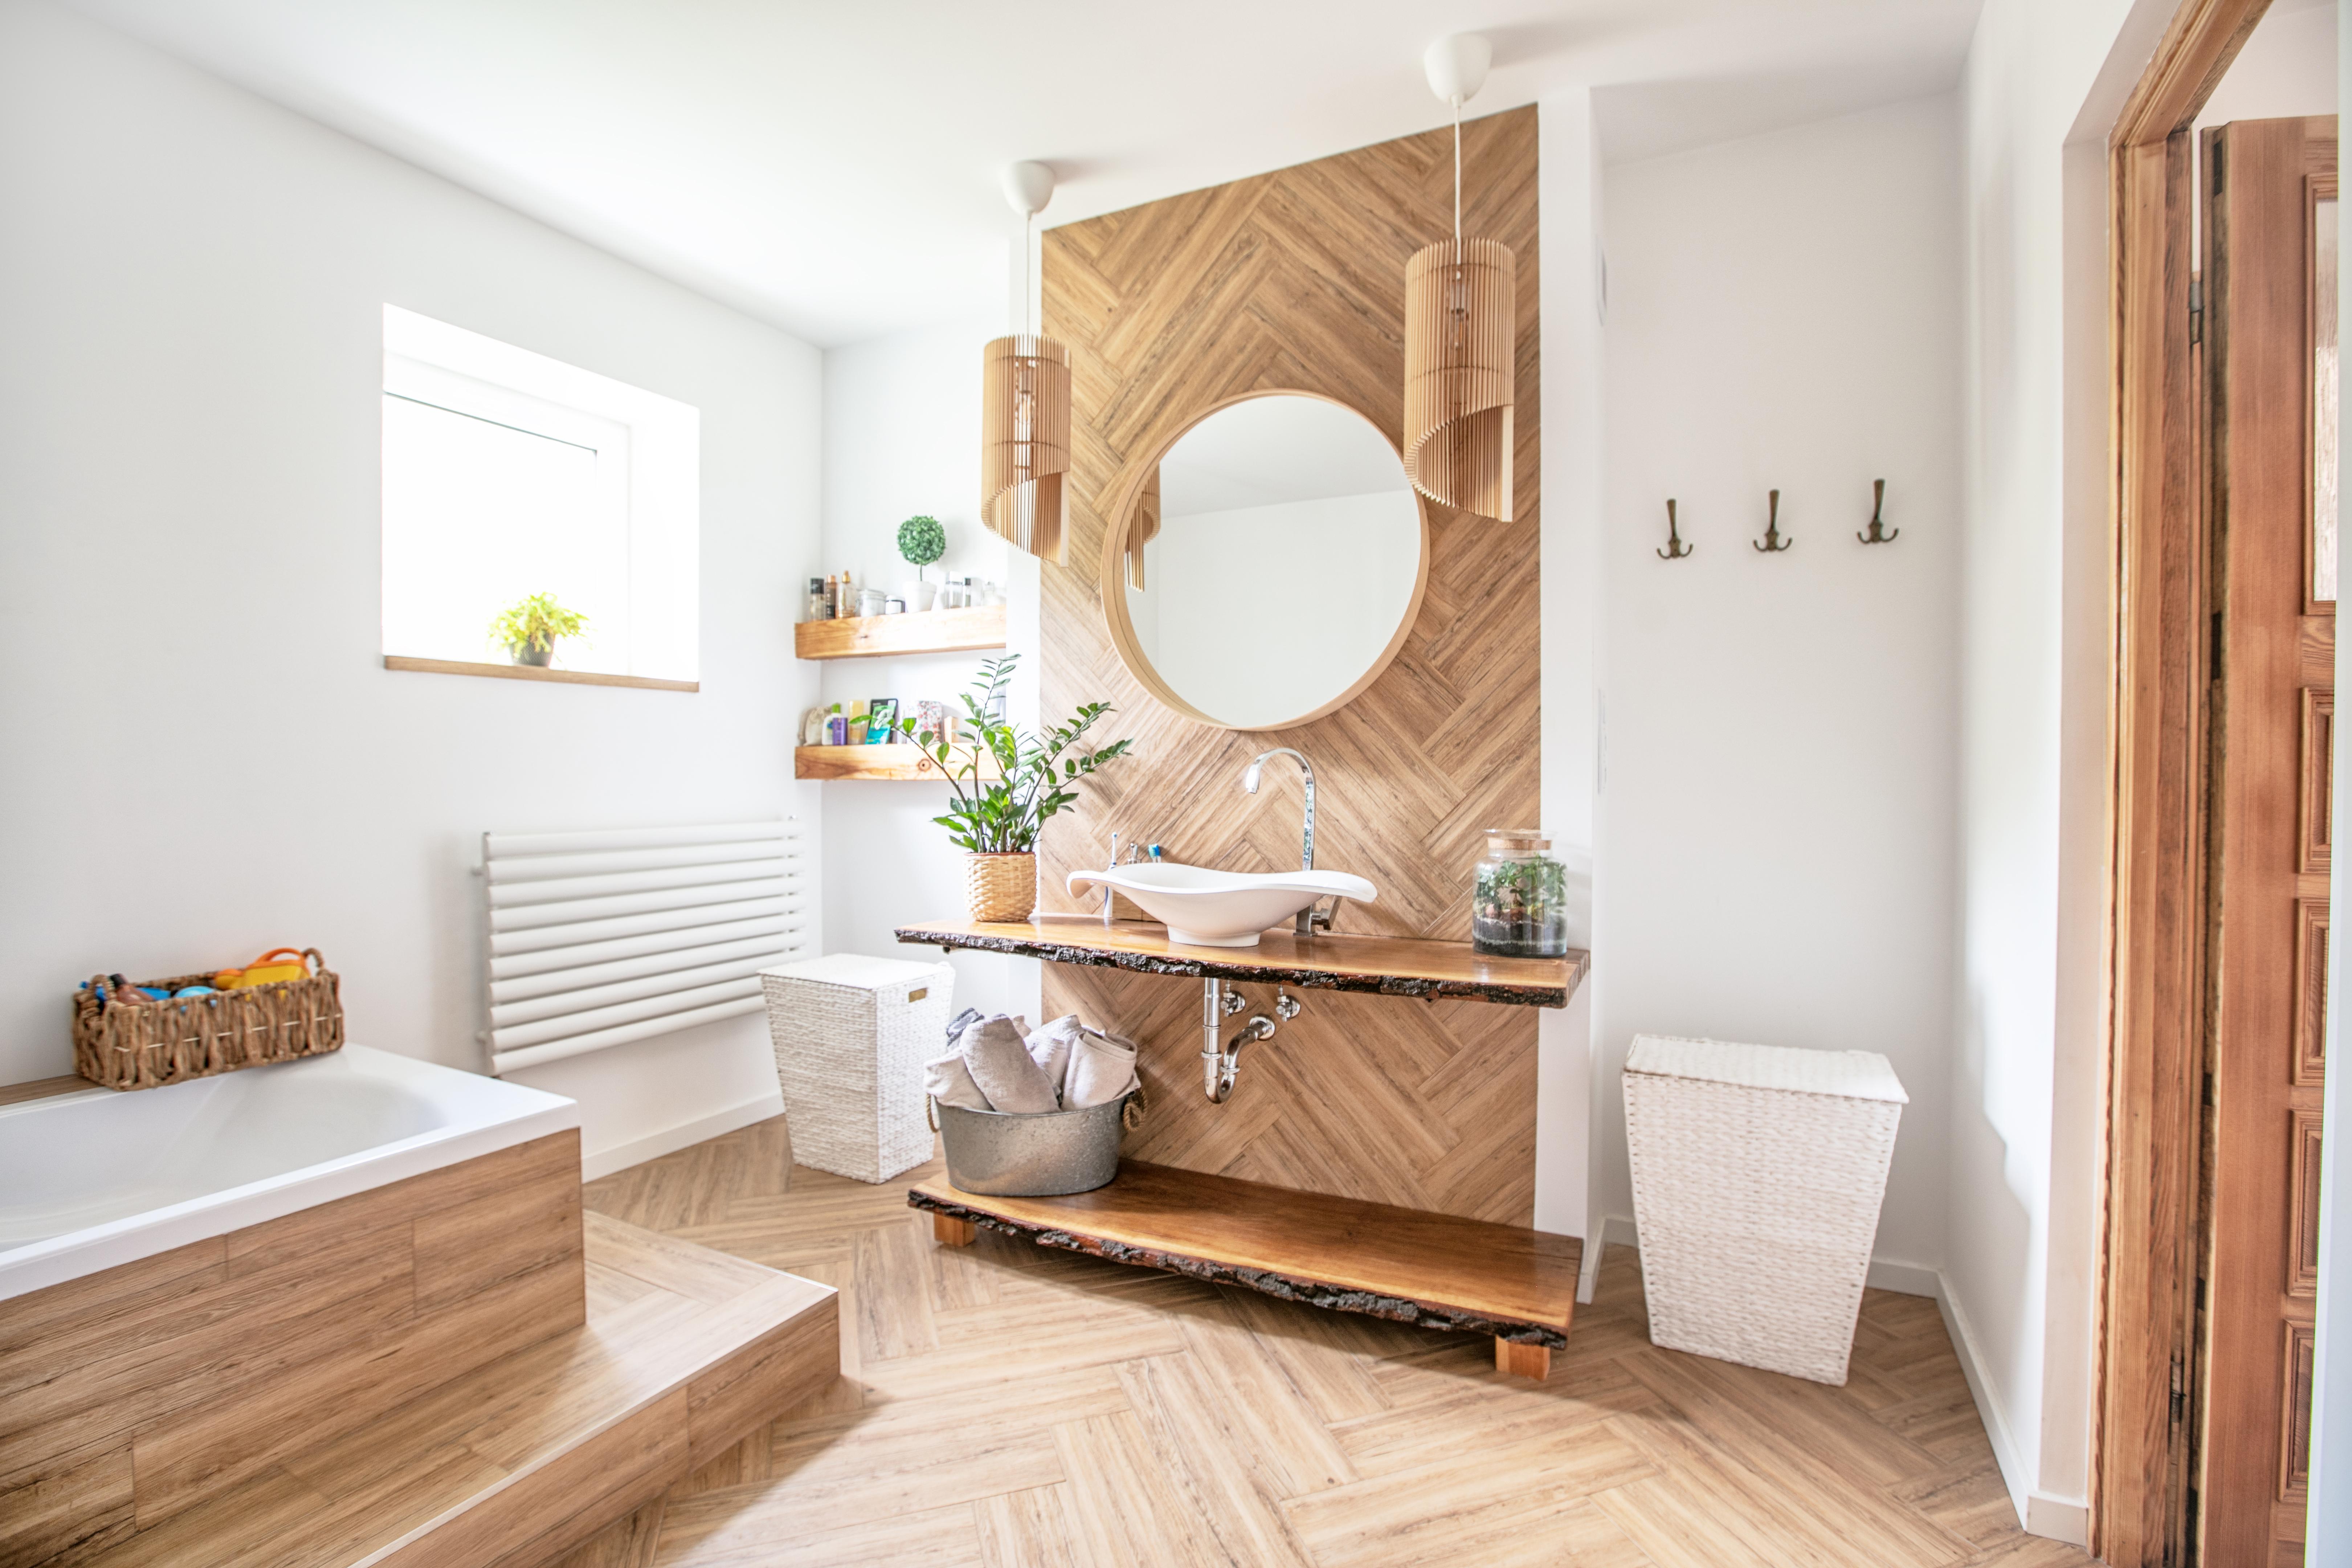 Piso de madera del baño